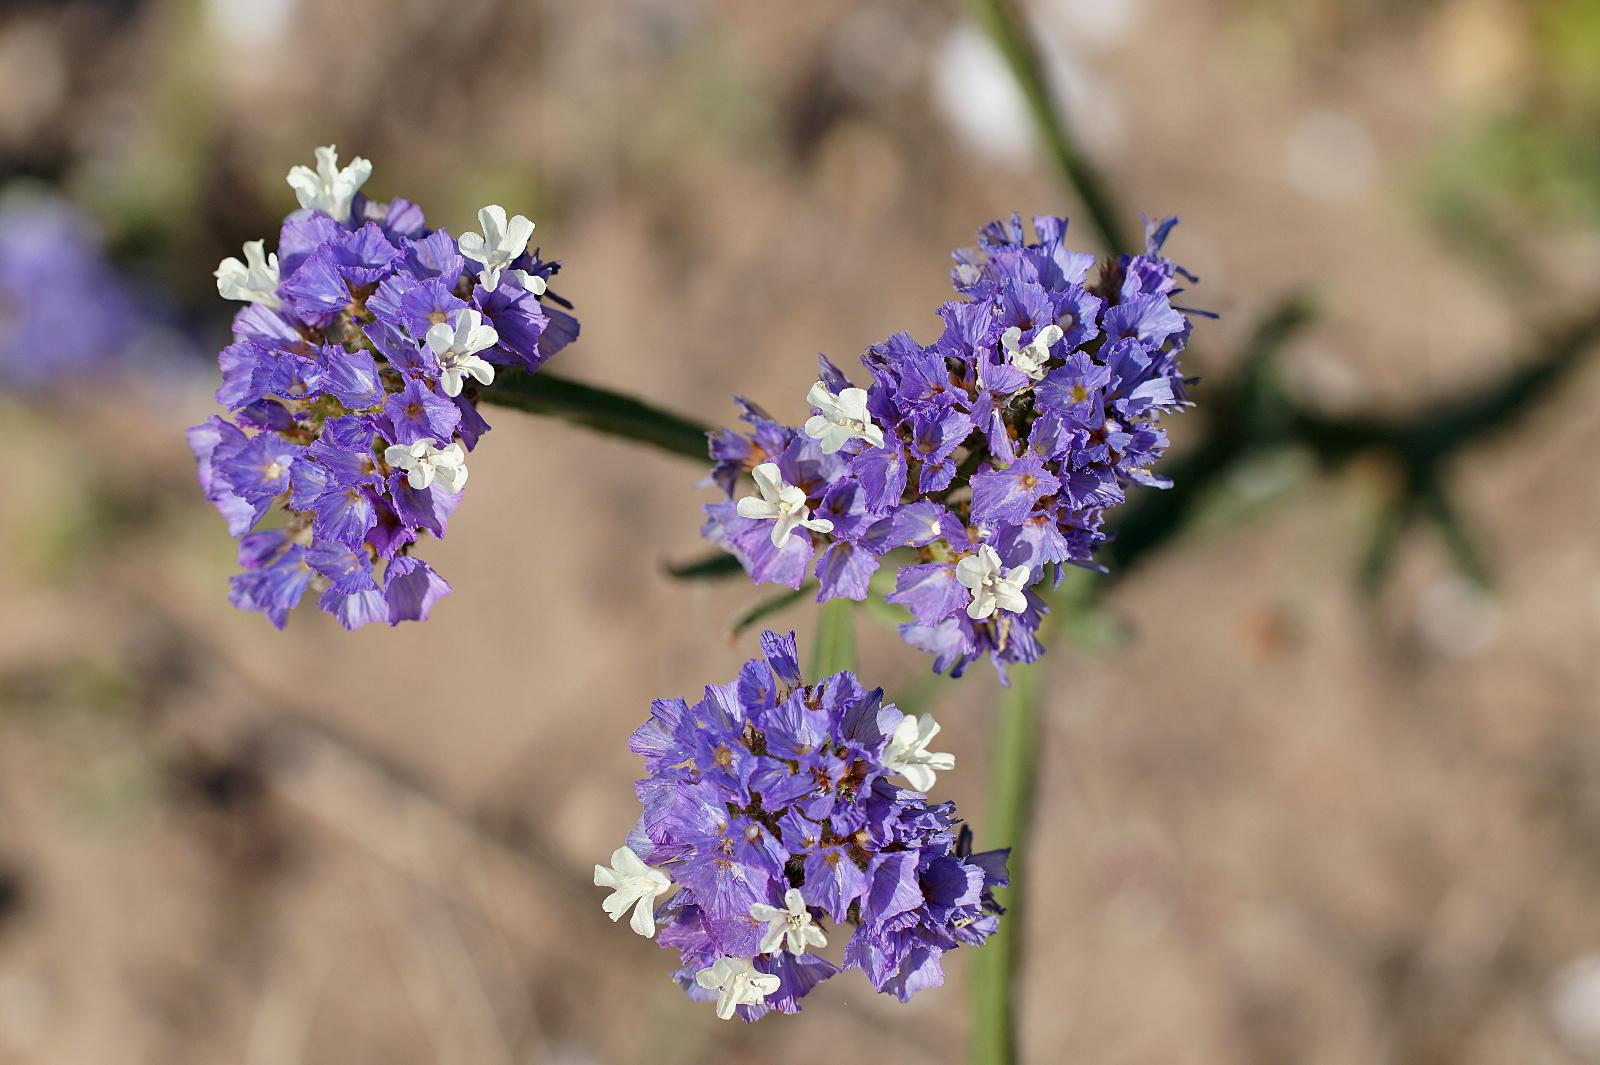 Winged sea lavender